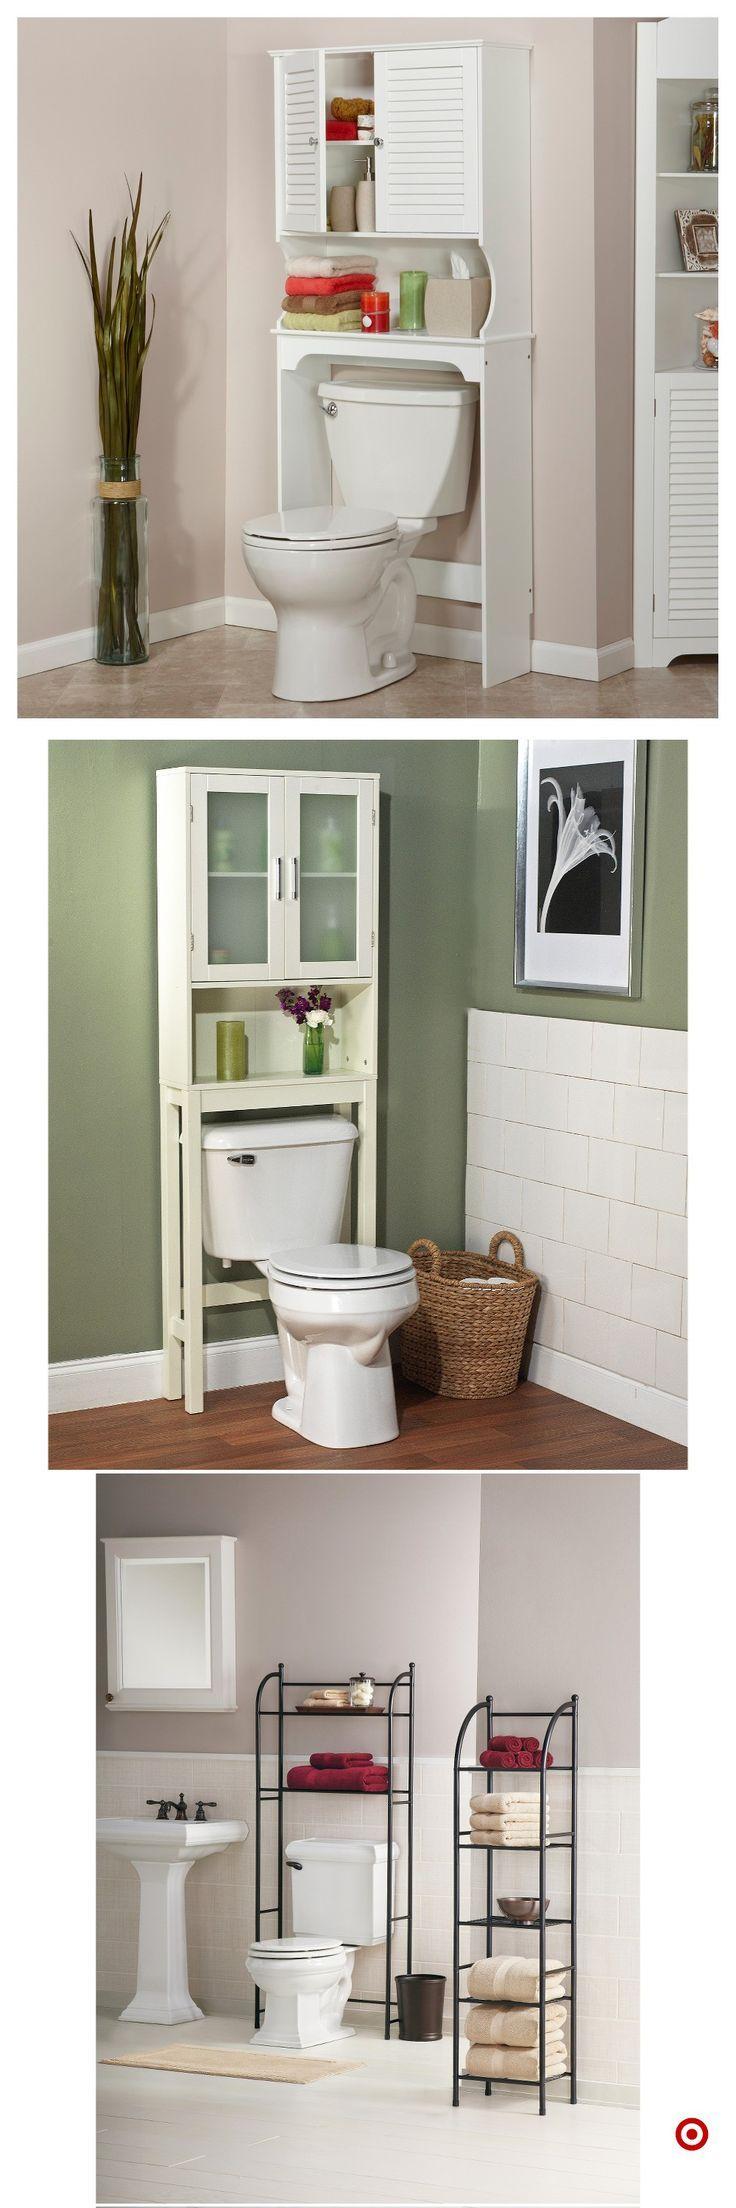 17 best Bathroom ideas images on Pinterest | Bathroom ideas ...